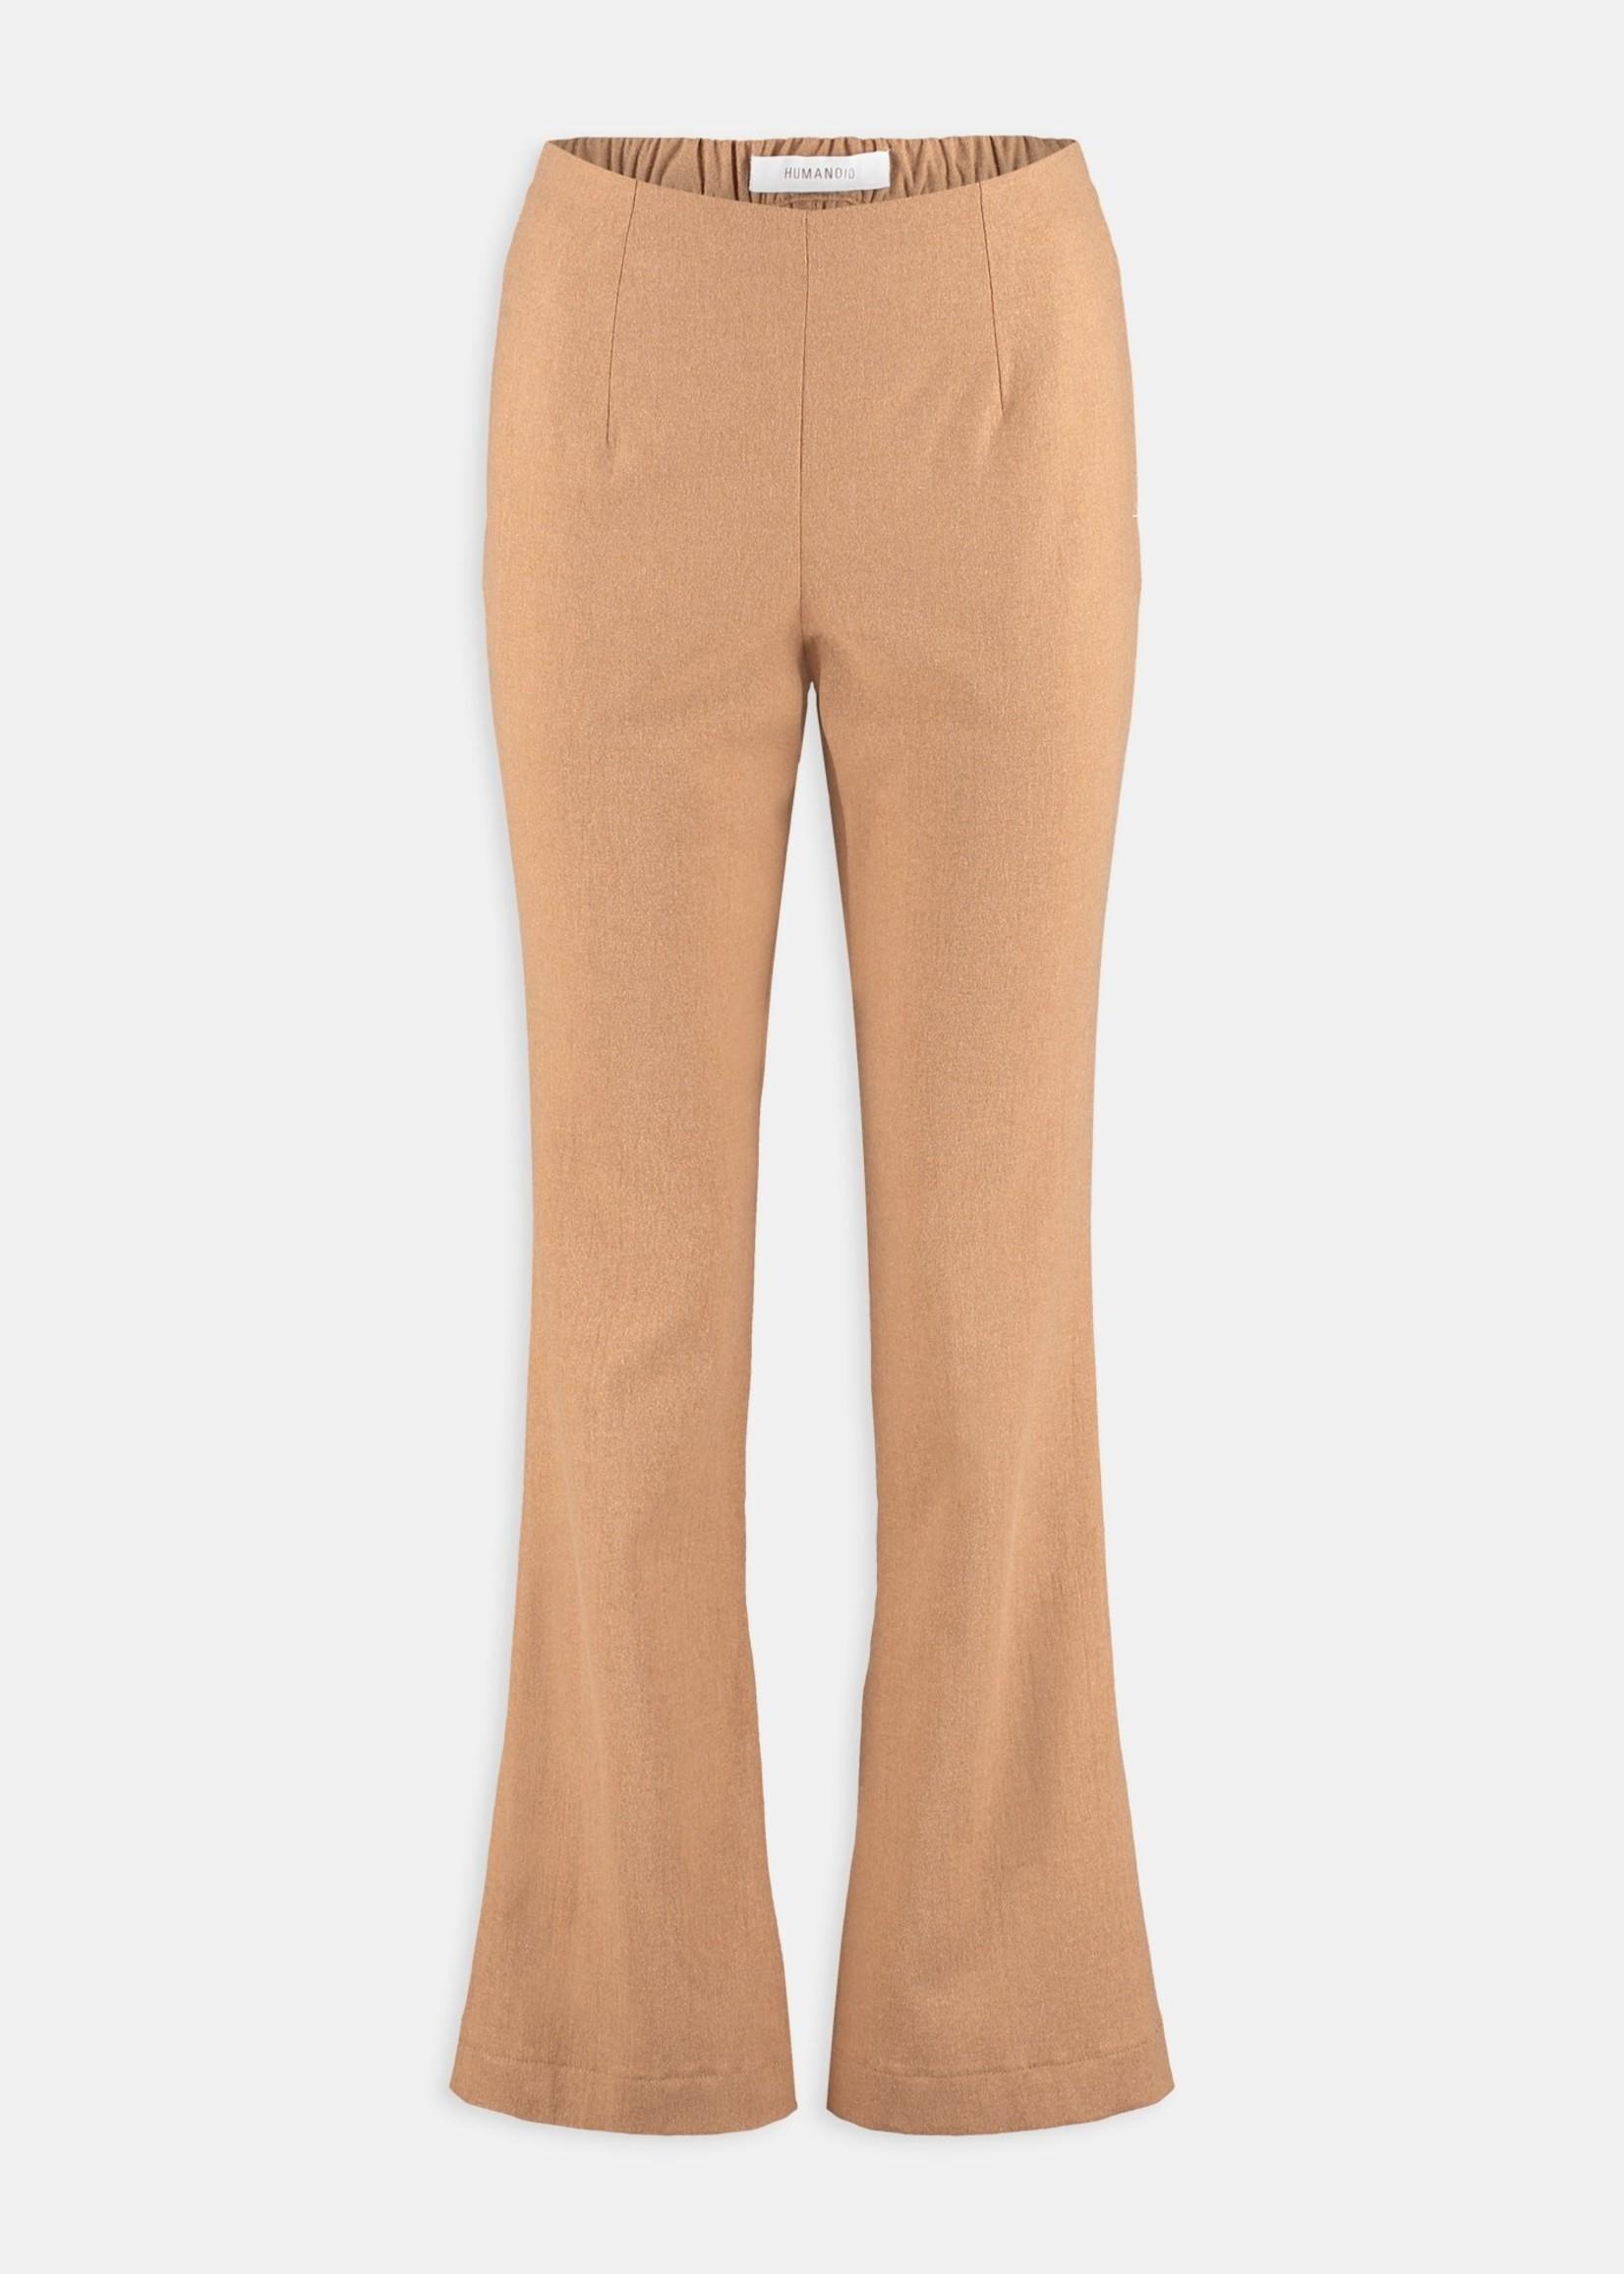 Humanoid Ria Trousers